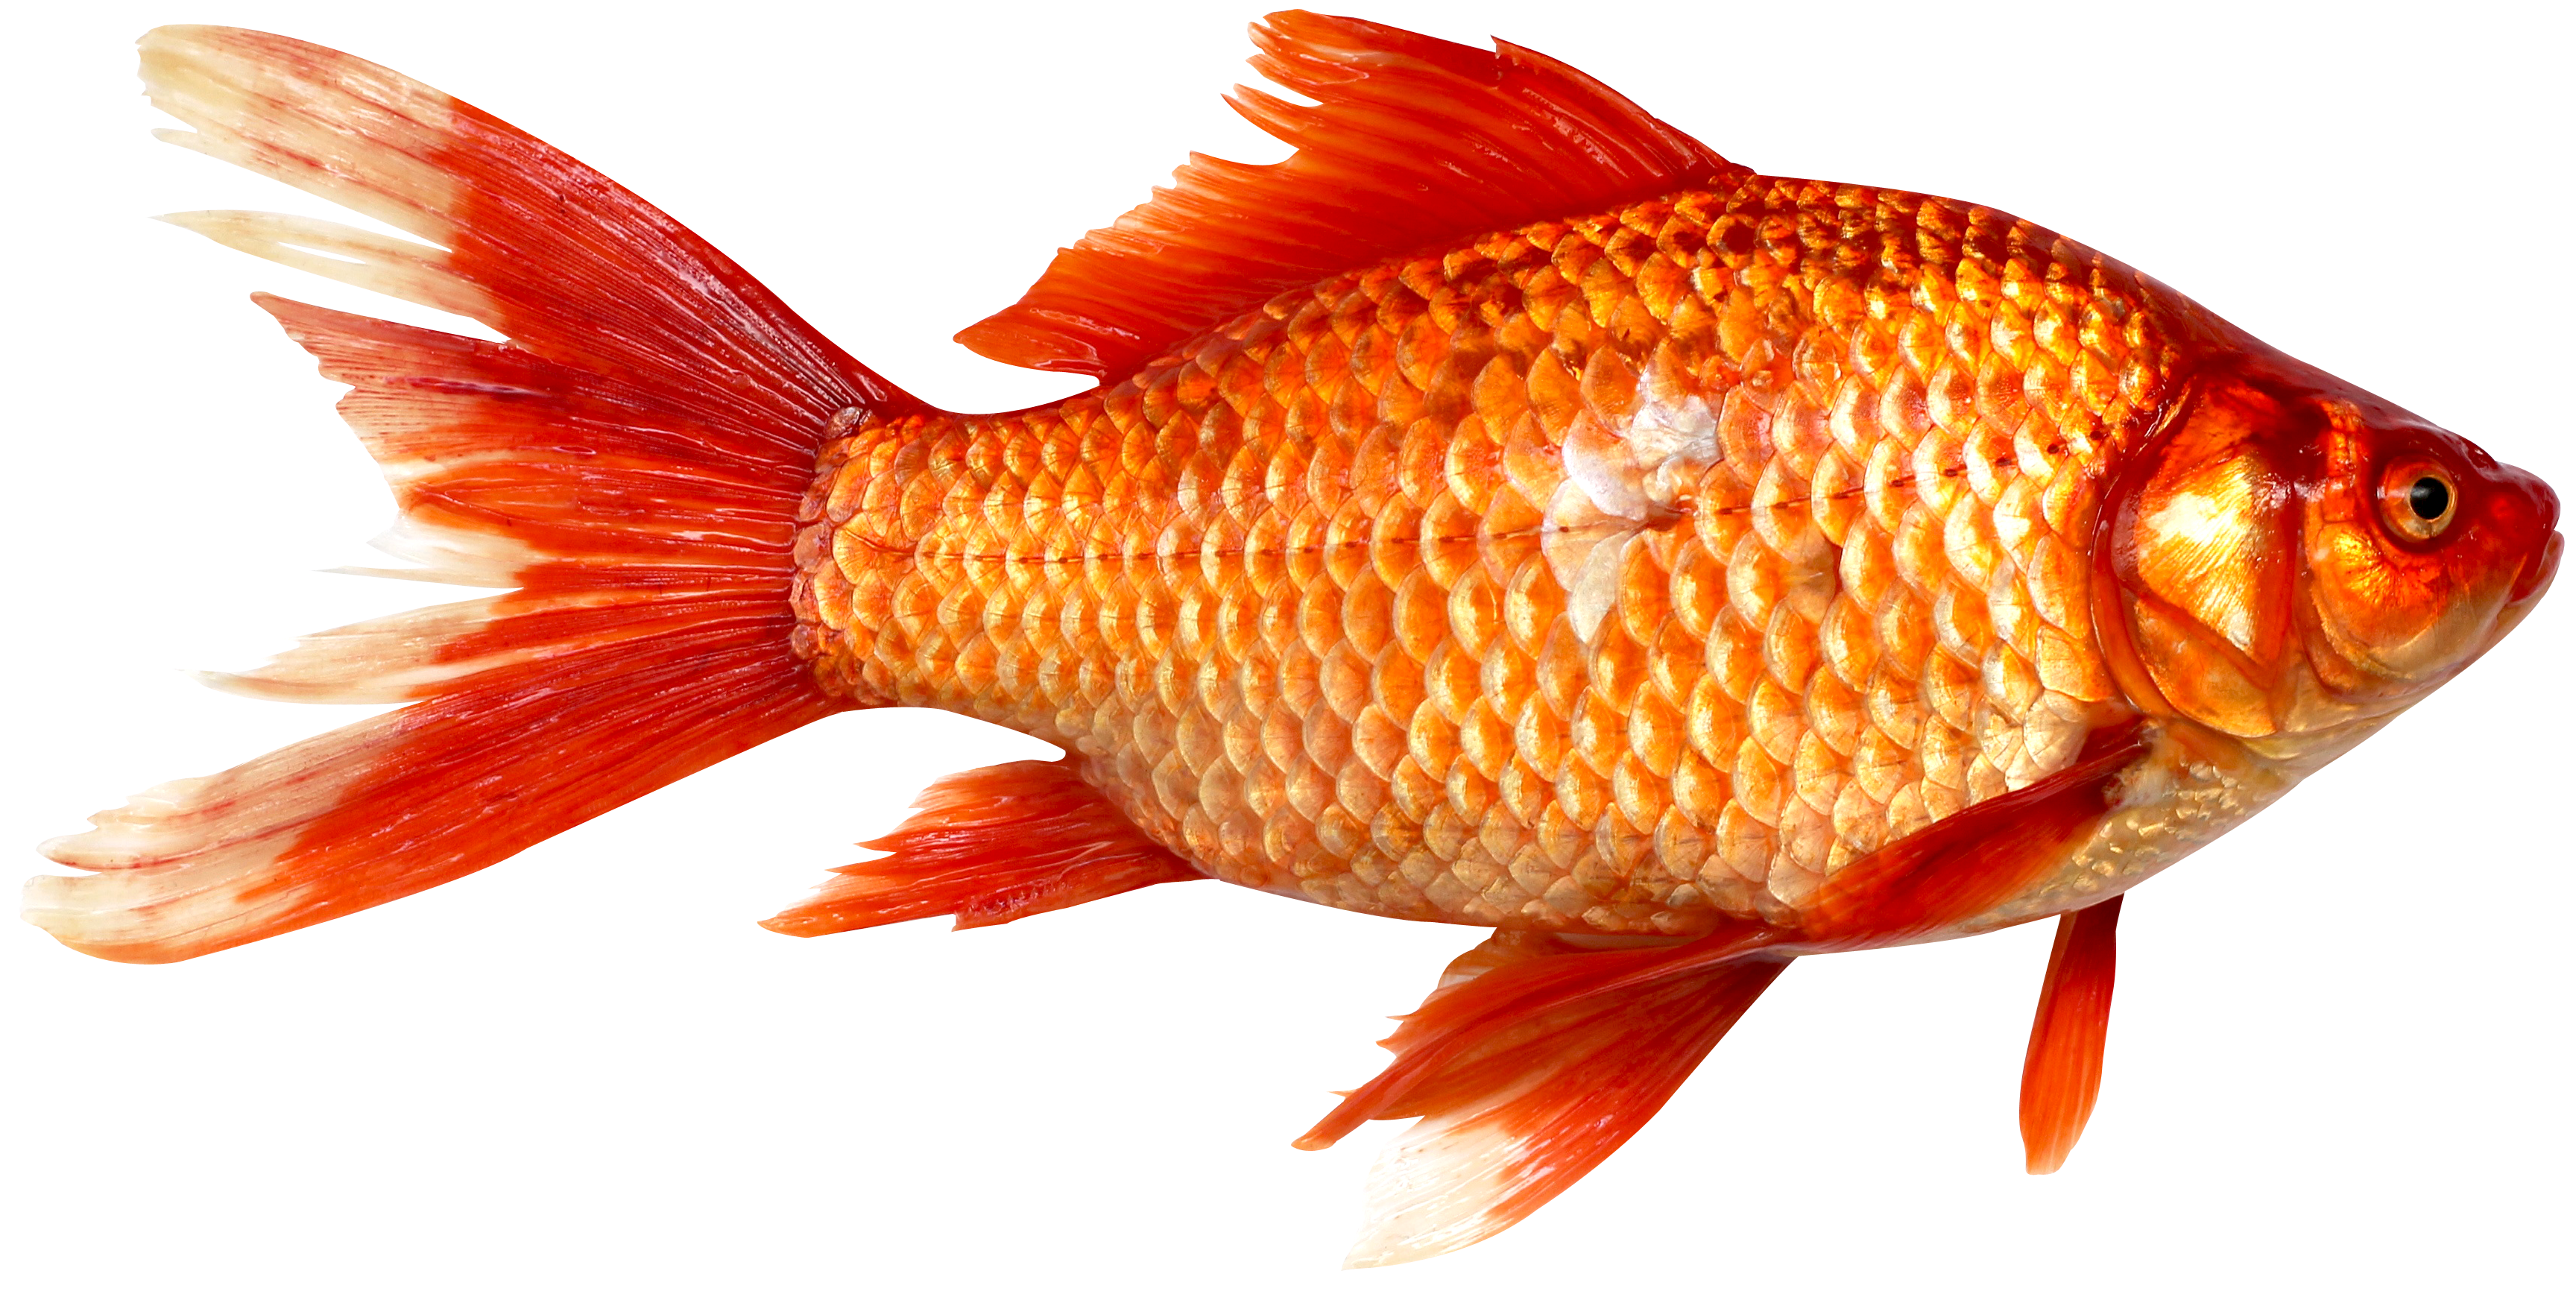 Fish PNG - 5035